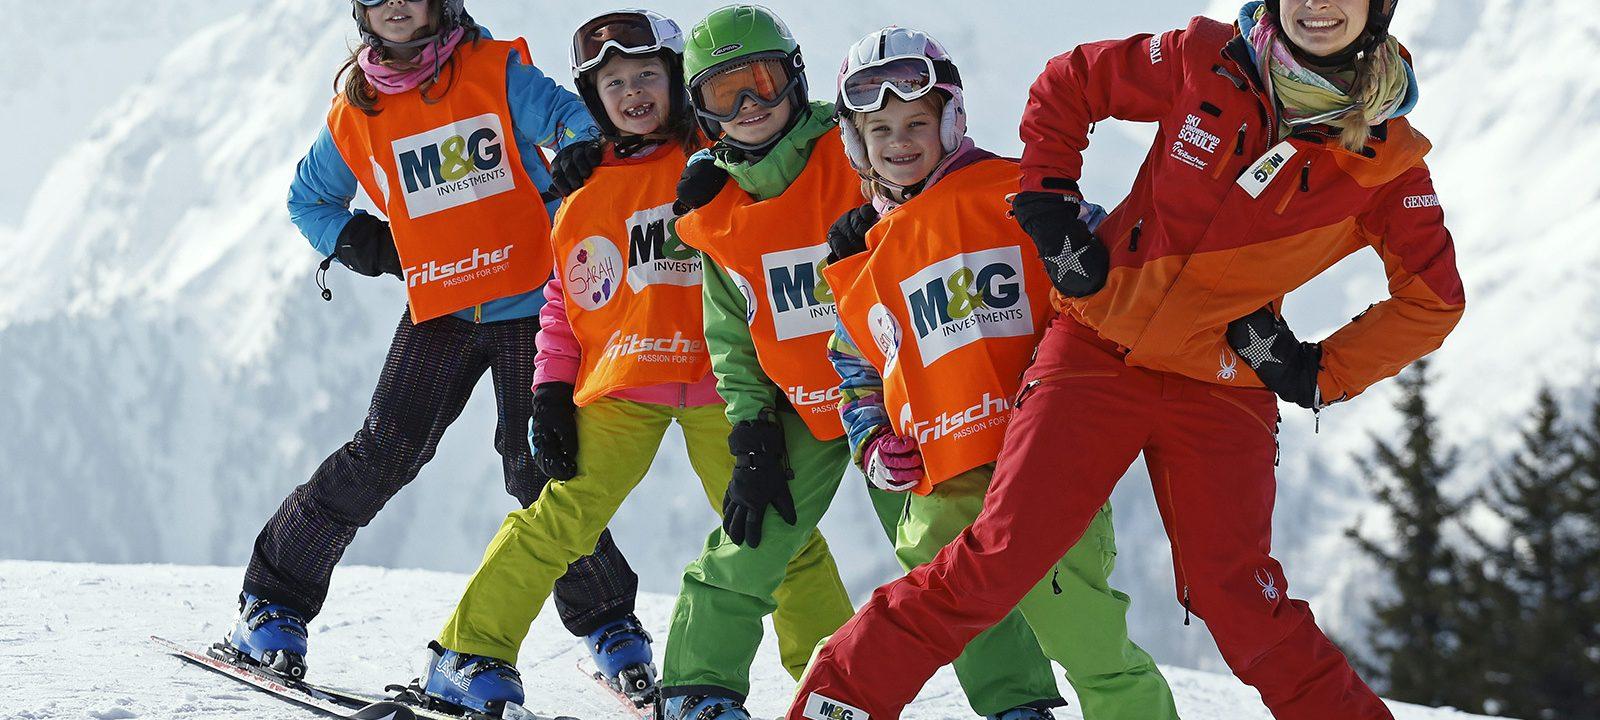 Tritscher Ski 4